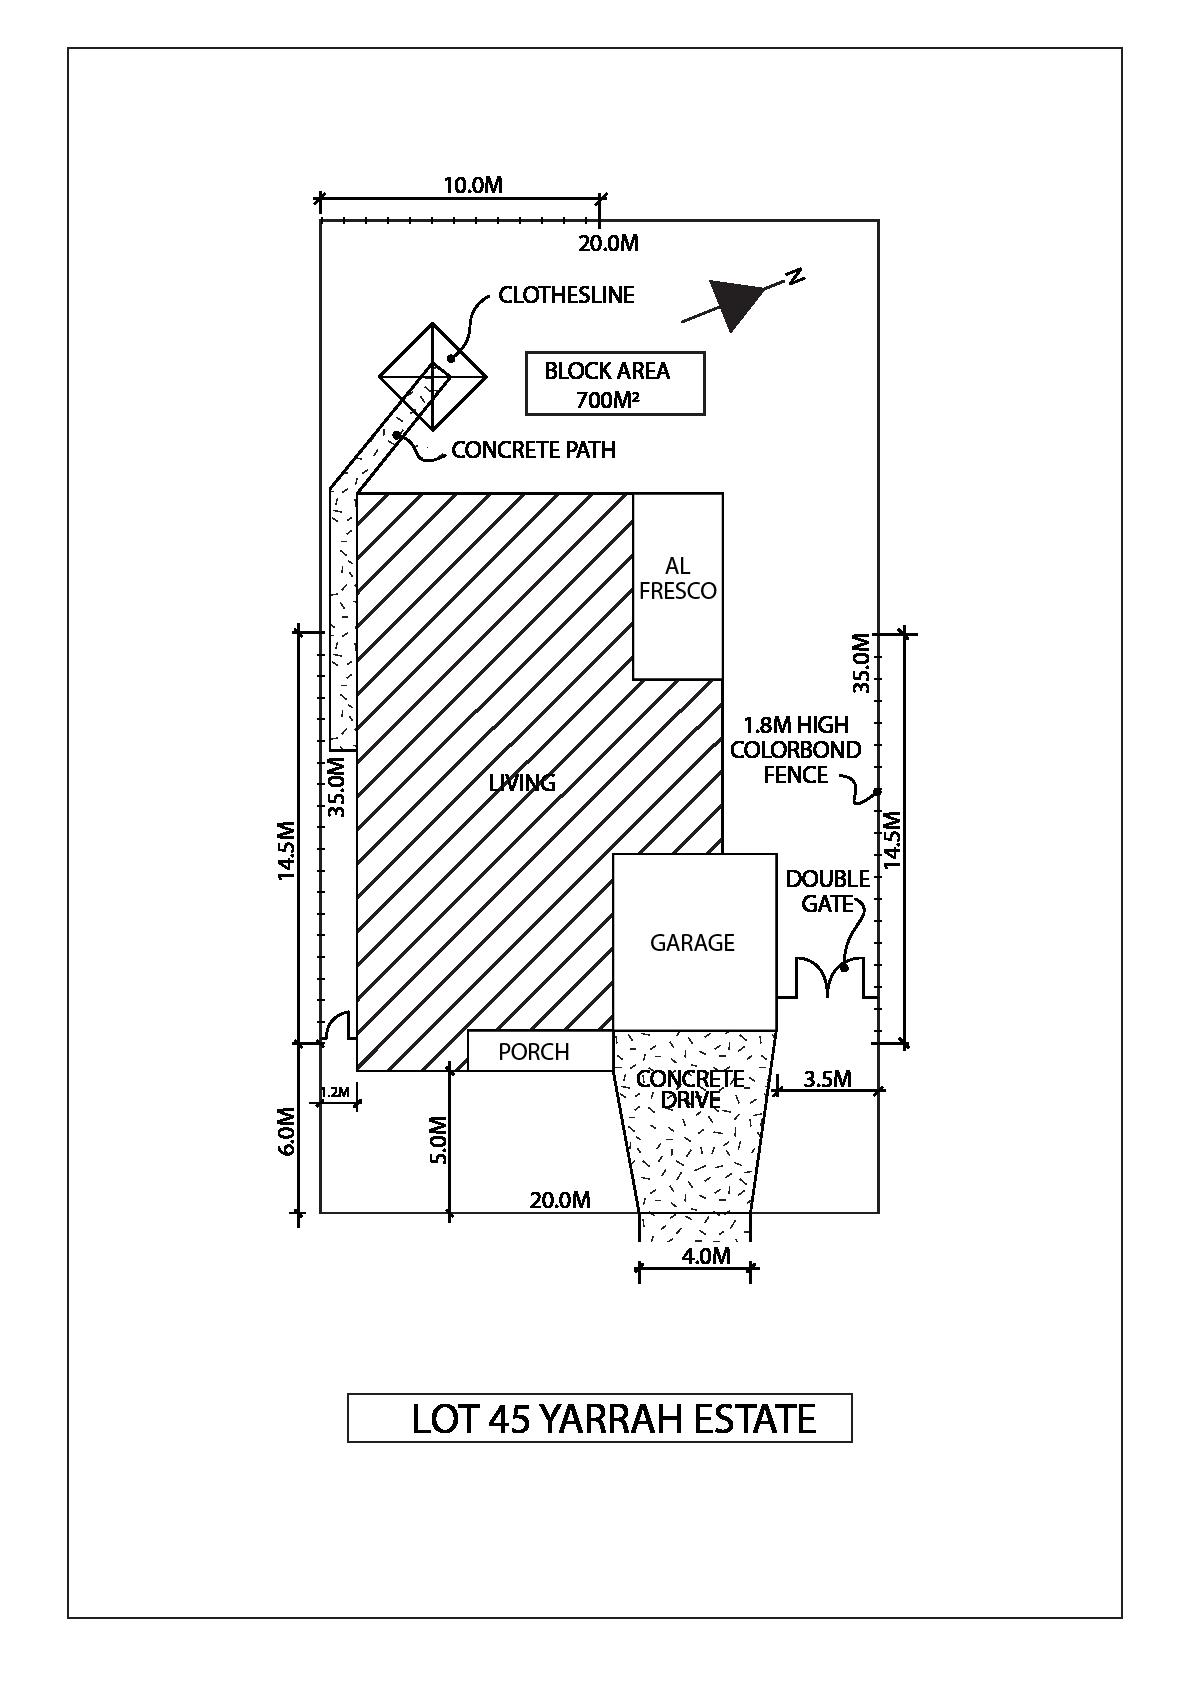 Lot 45 Yarrah Site Plan - Kimberley